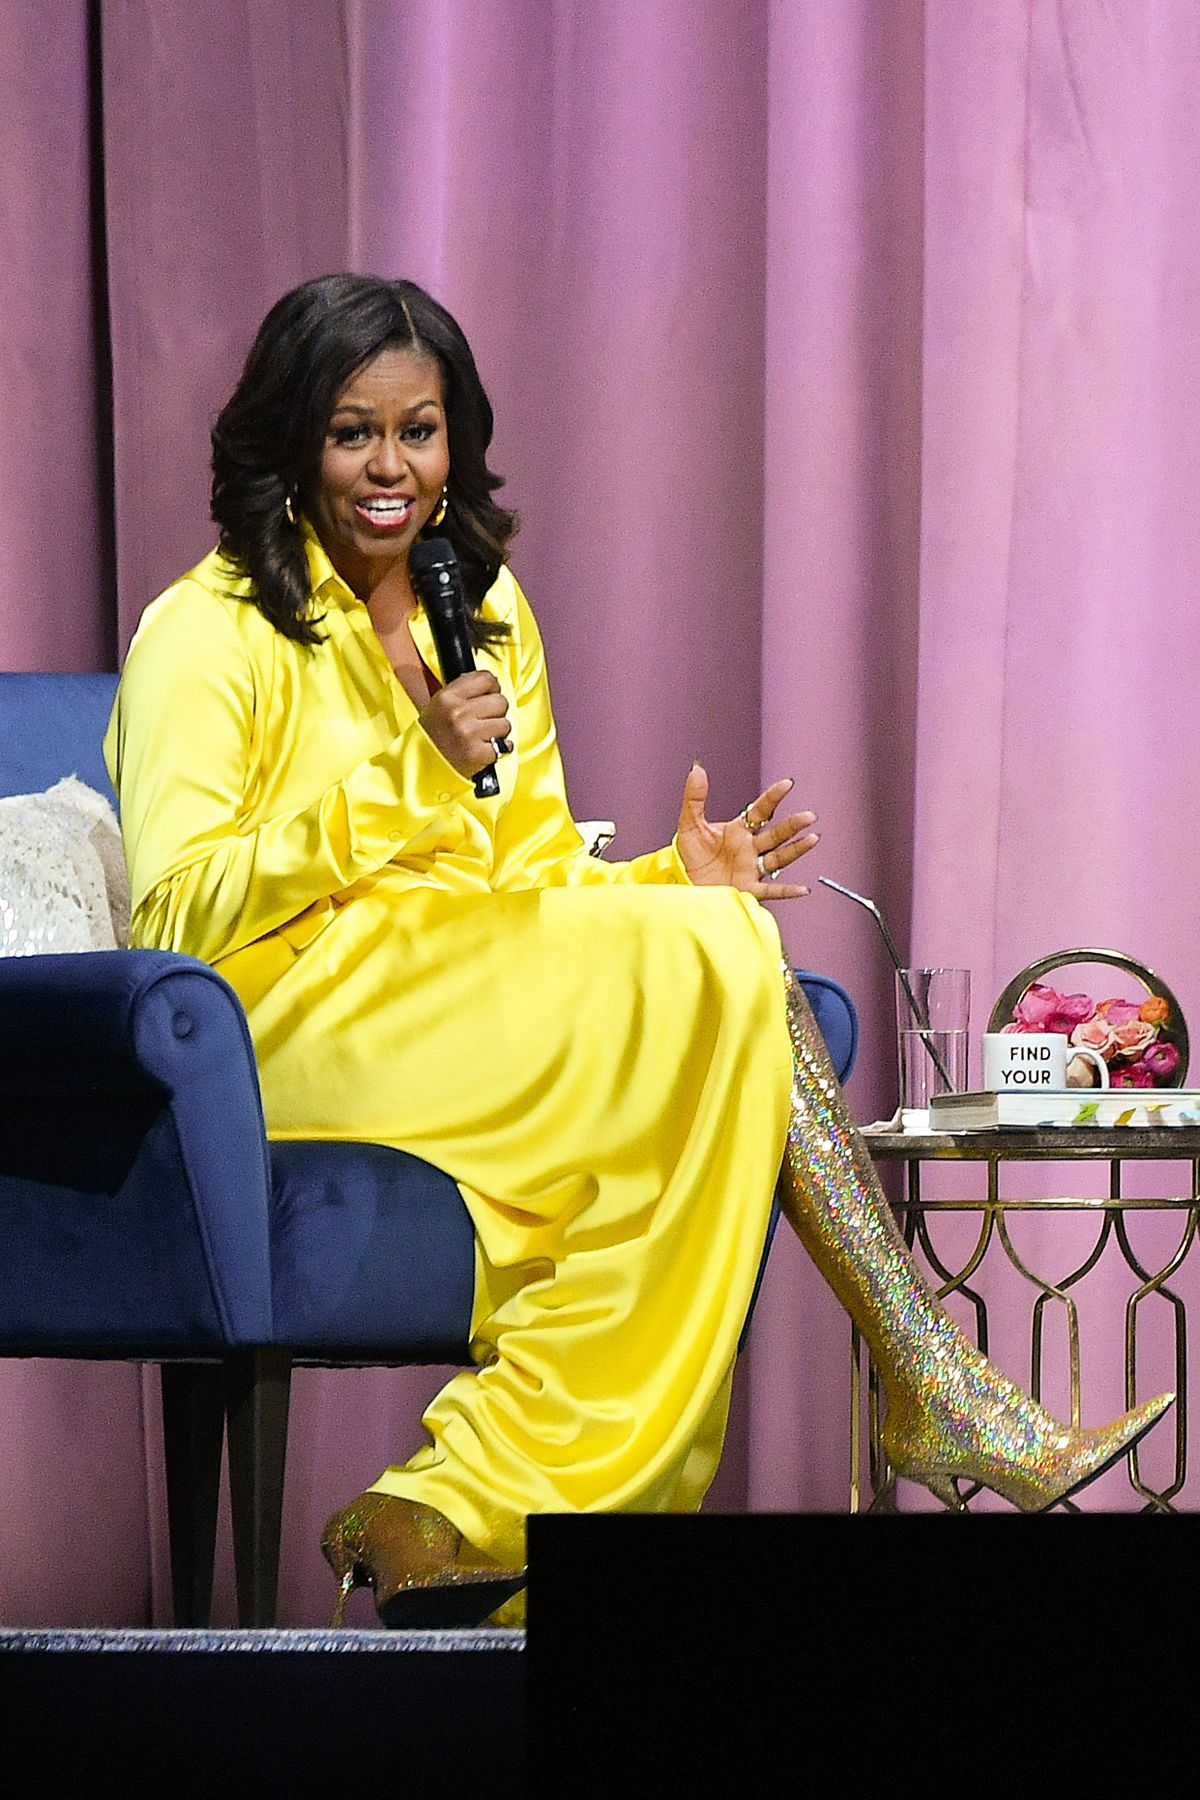 512b39e2469 Michelle Obama wore thigh-high Balenciaga boots